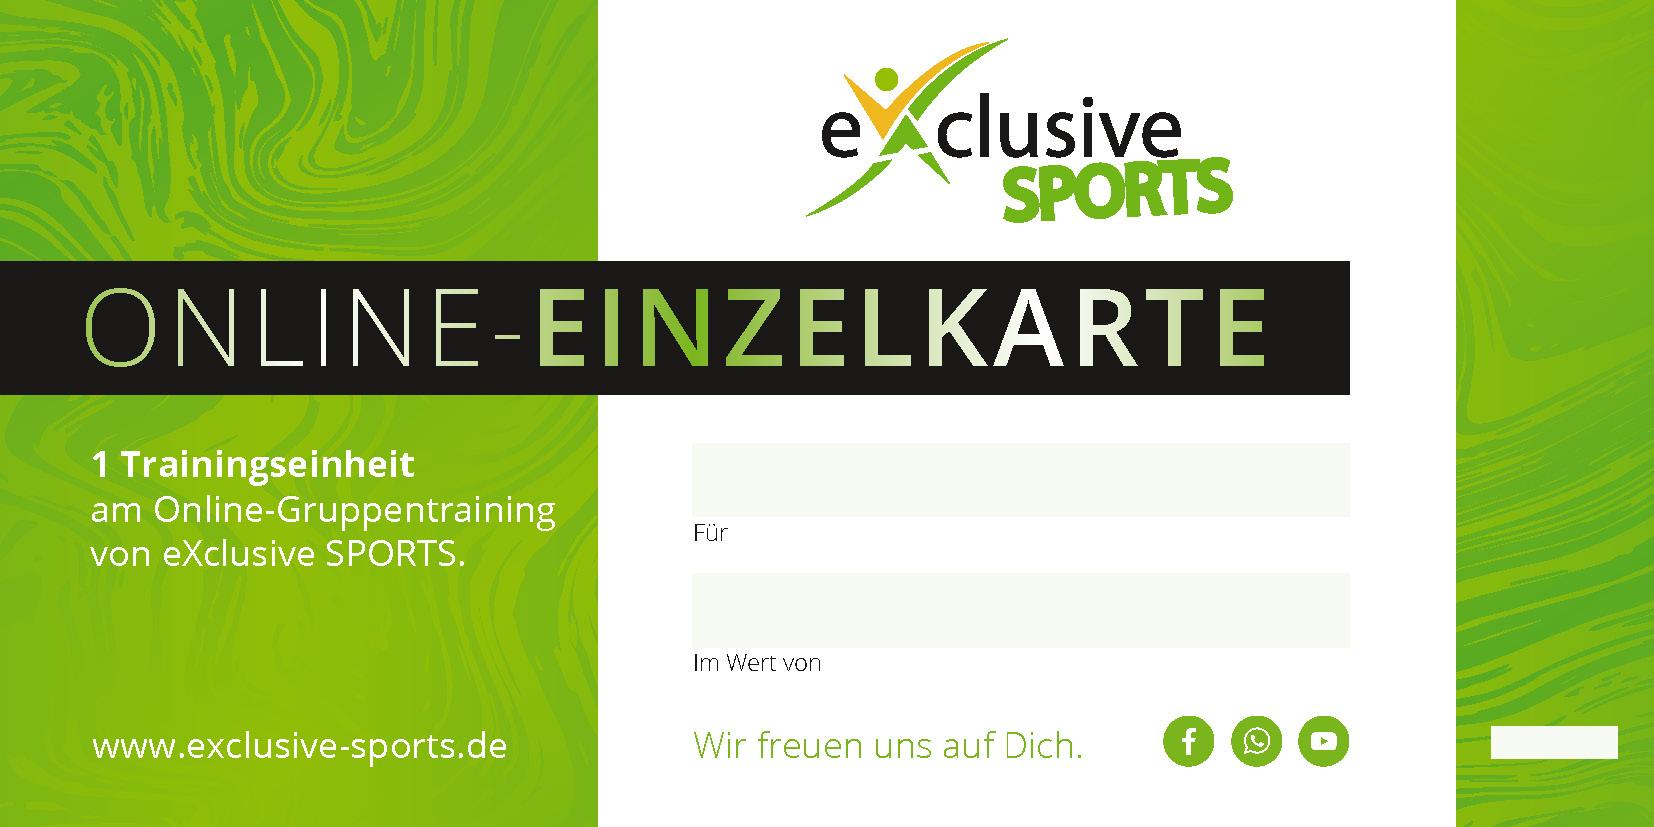 Gutschein_Online Einzelkarte